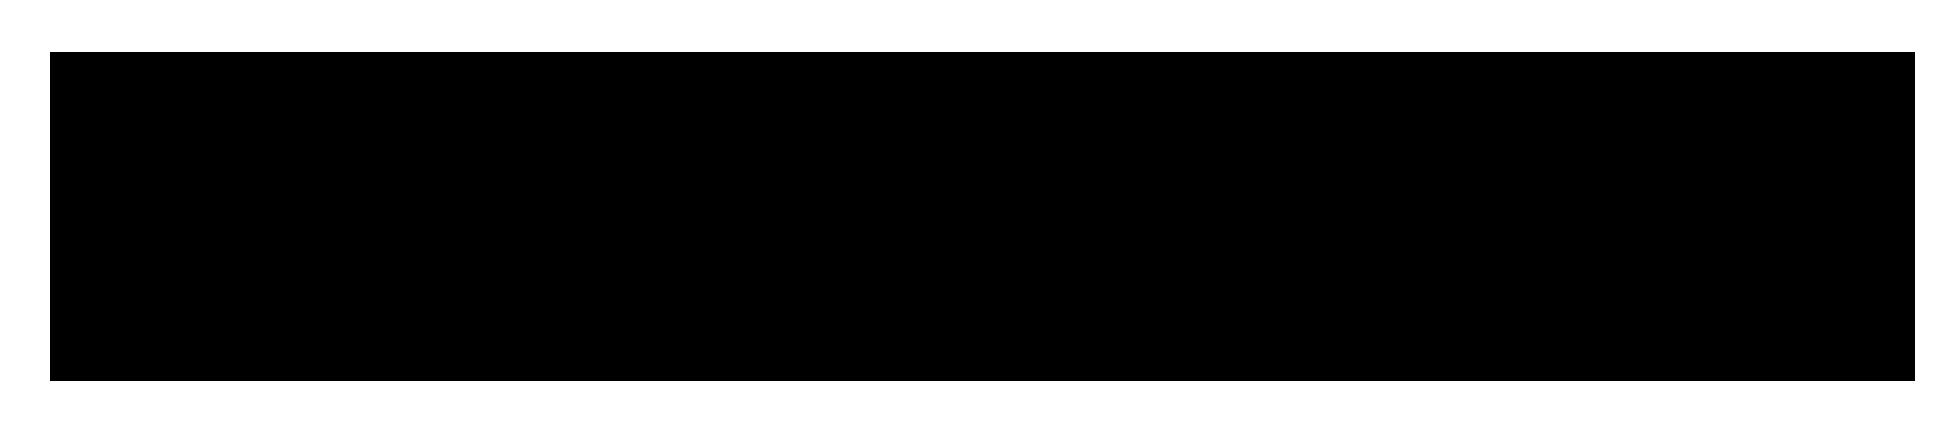 4709f1ef 6d49 4dc2 88a4 af44e3e49f56